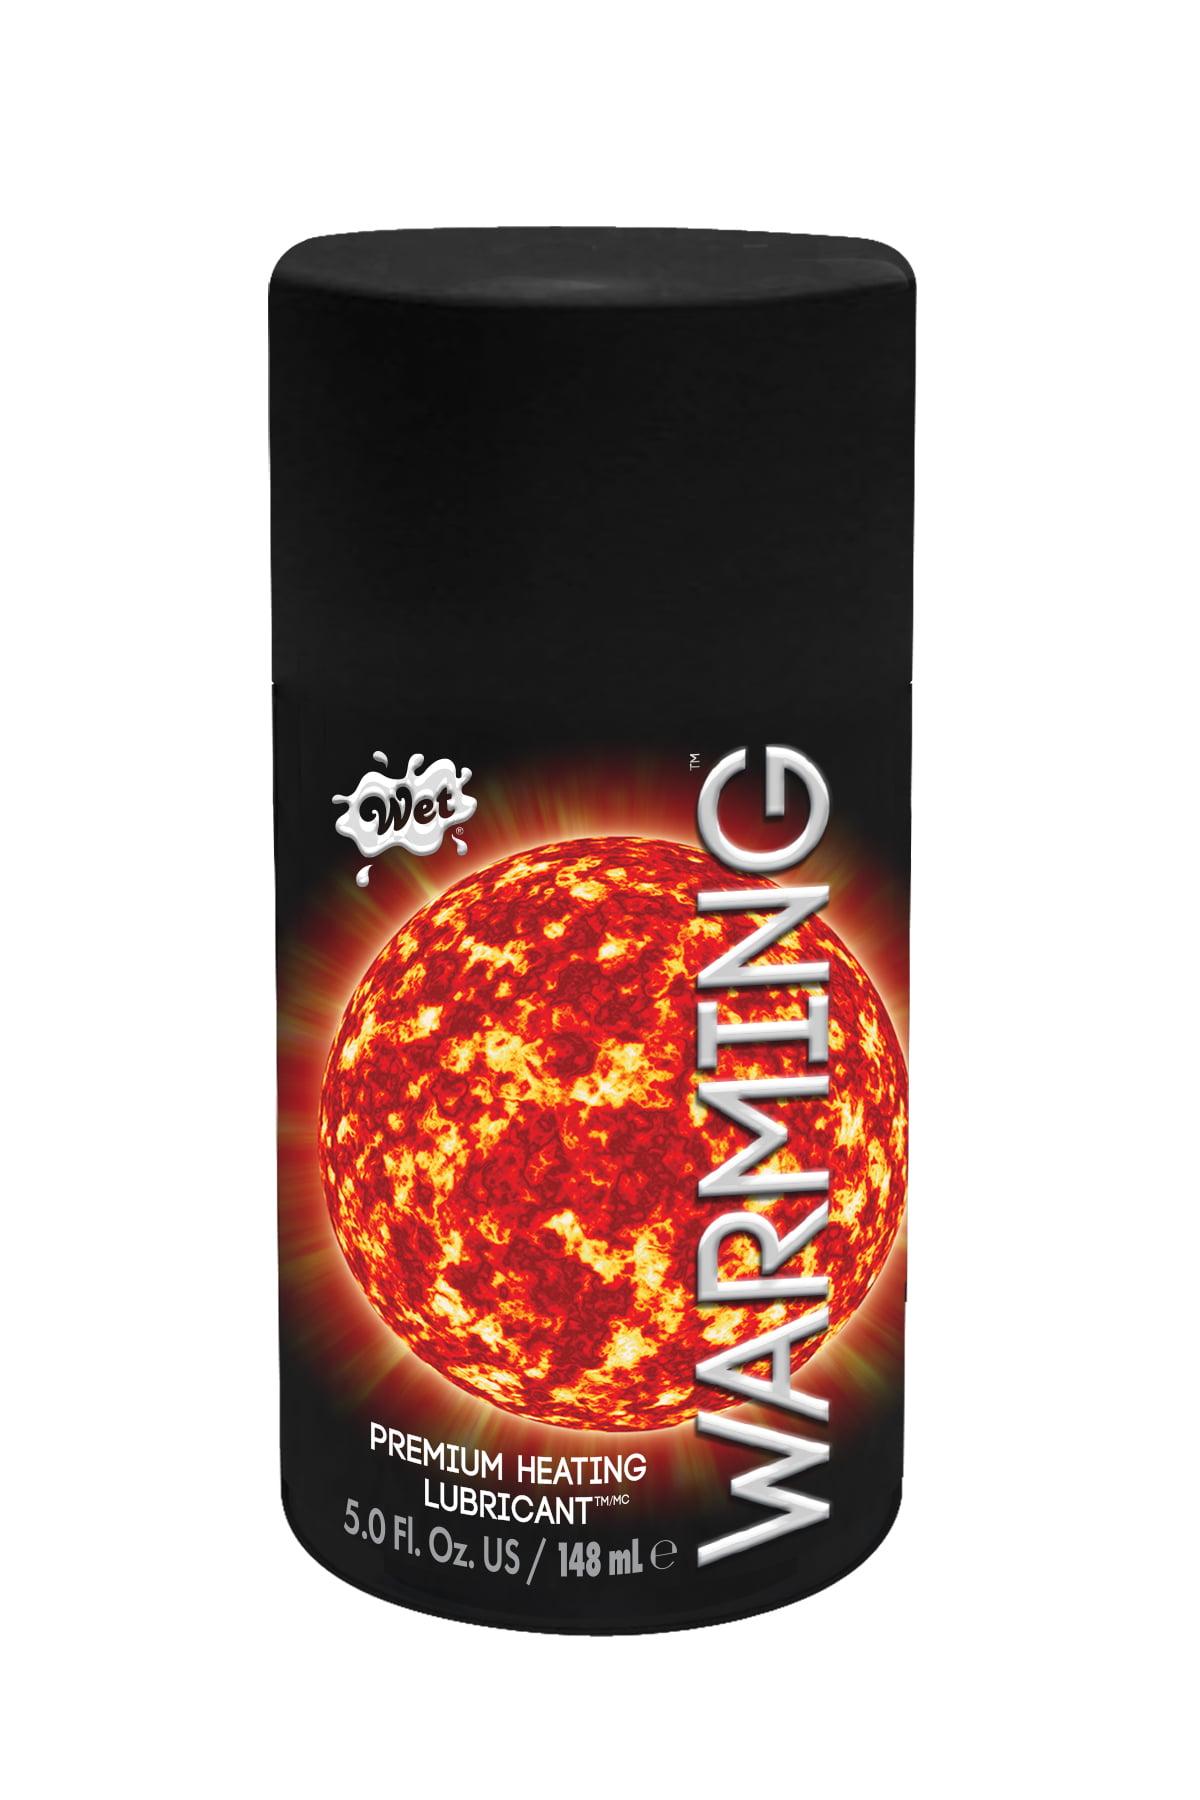 Gel Importado com Mega Aquecimento Para Massagens e Relação - Wet Warming -